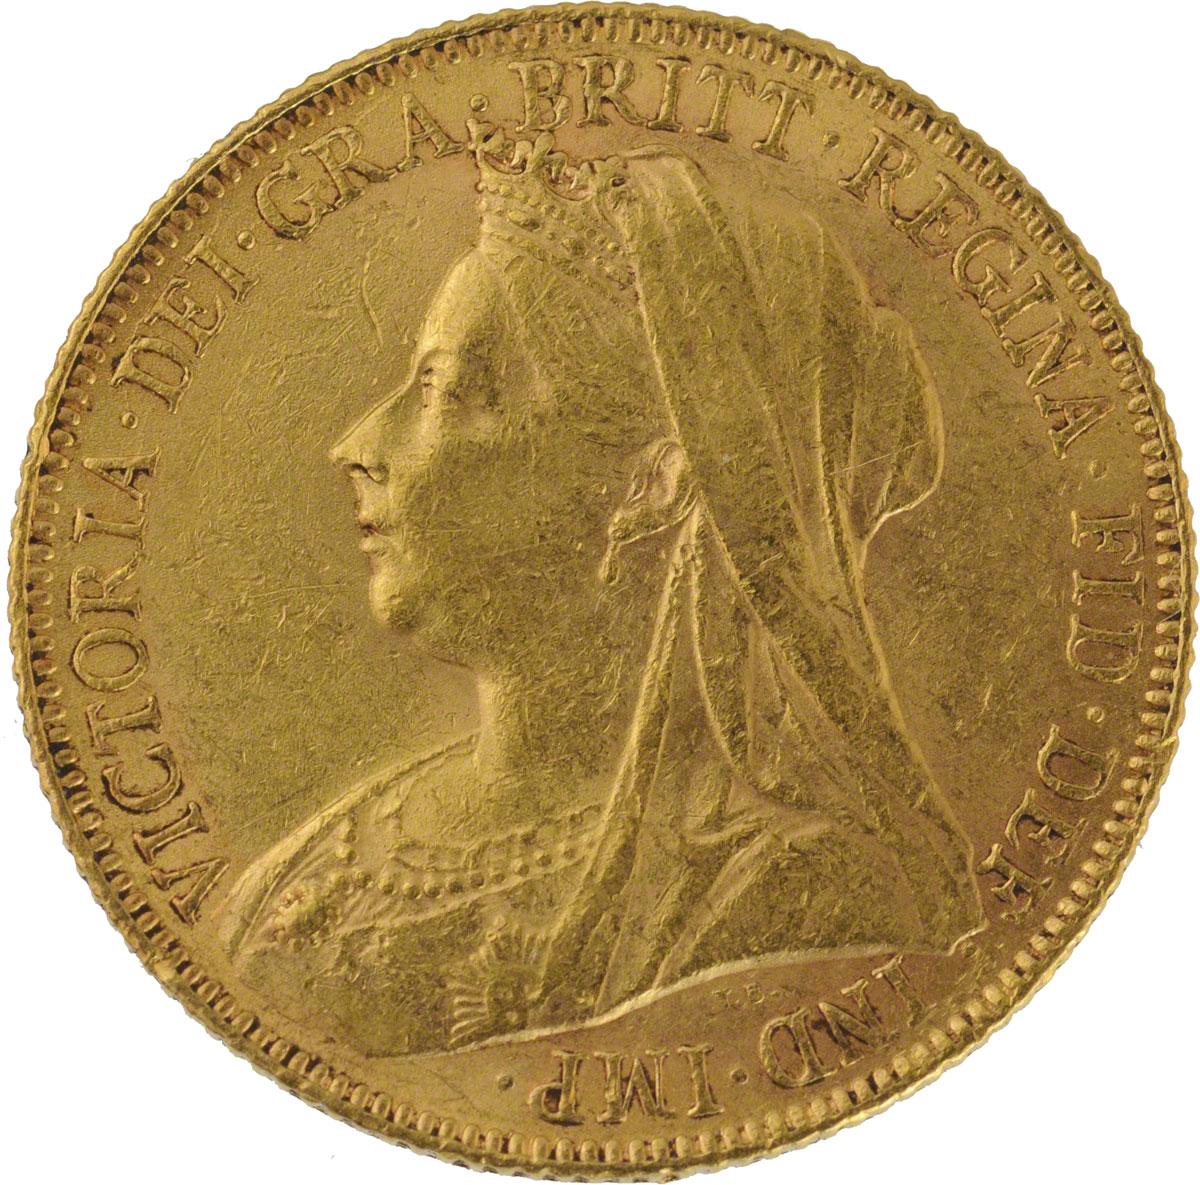 1901 Βικτώρια (Νομισματοκοπείο Περθ)